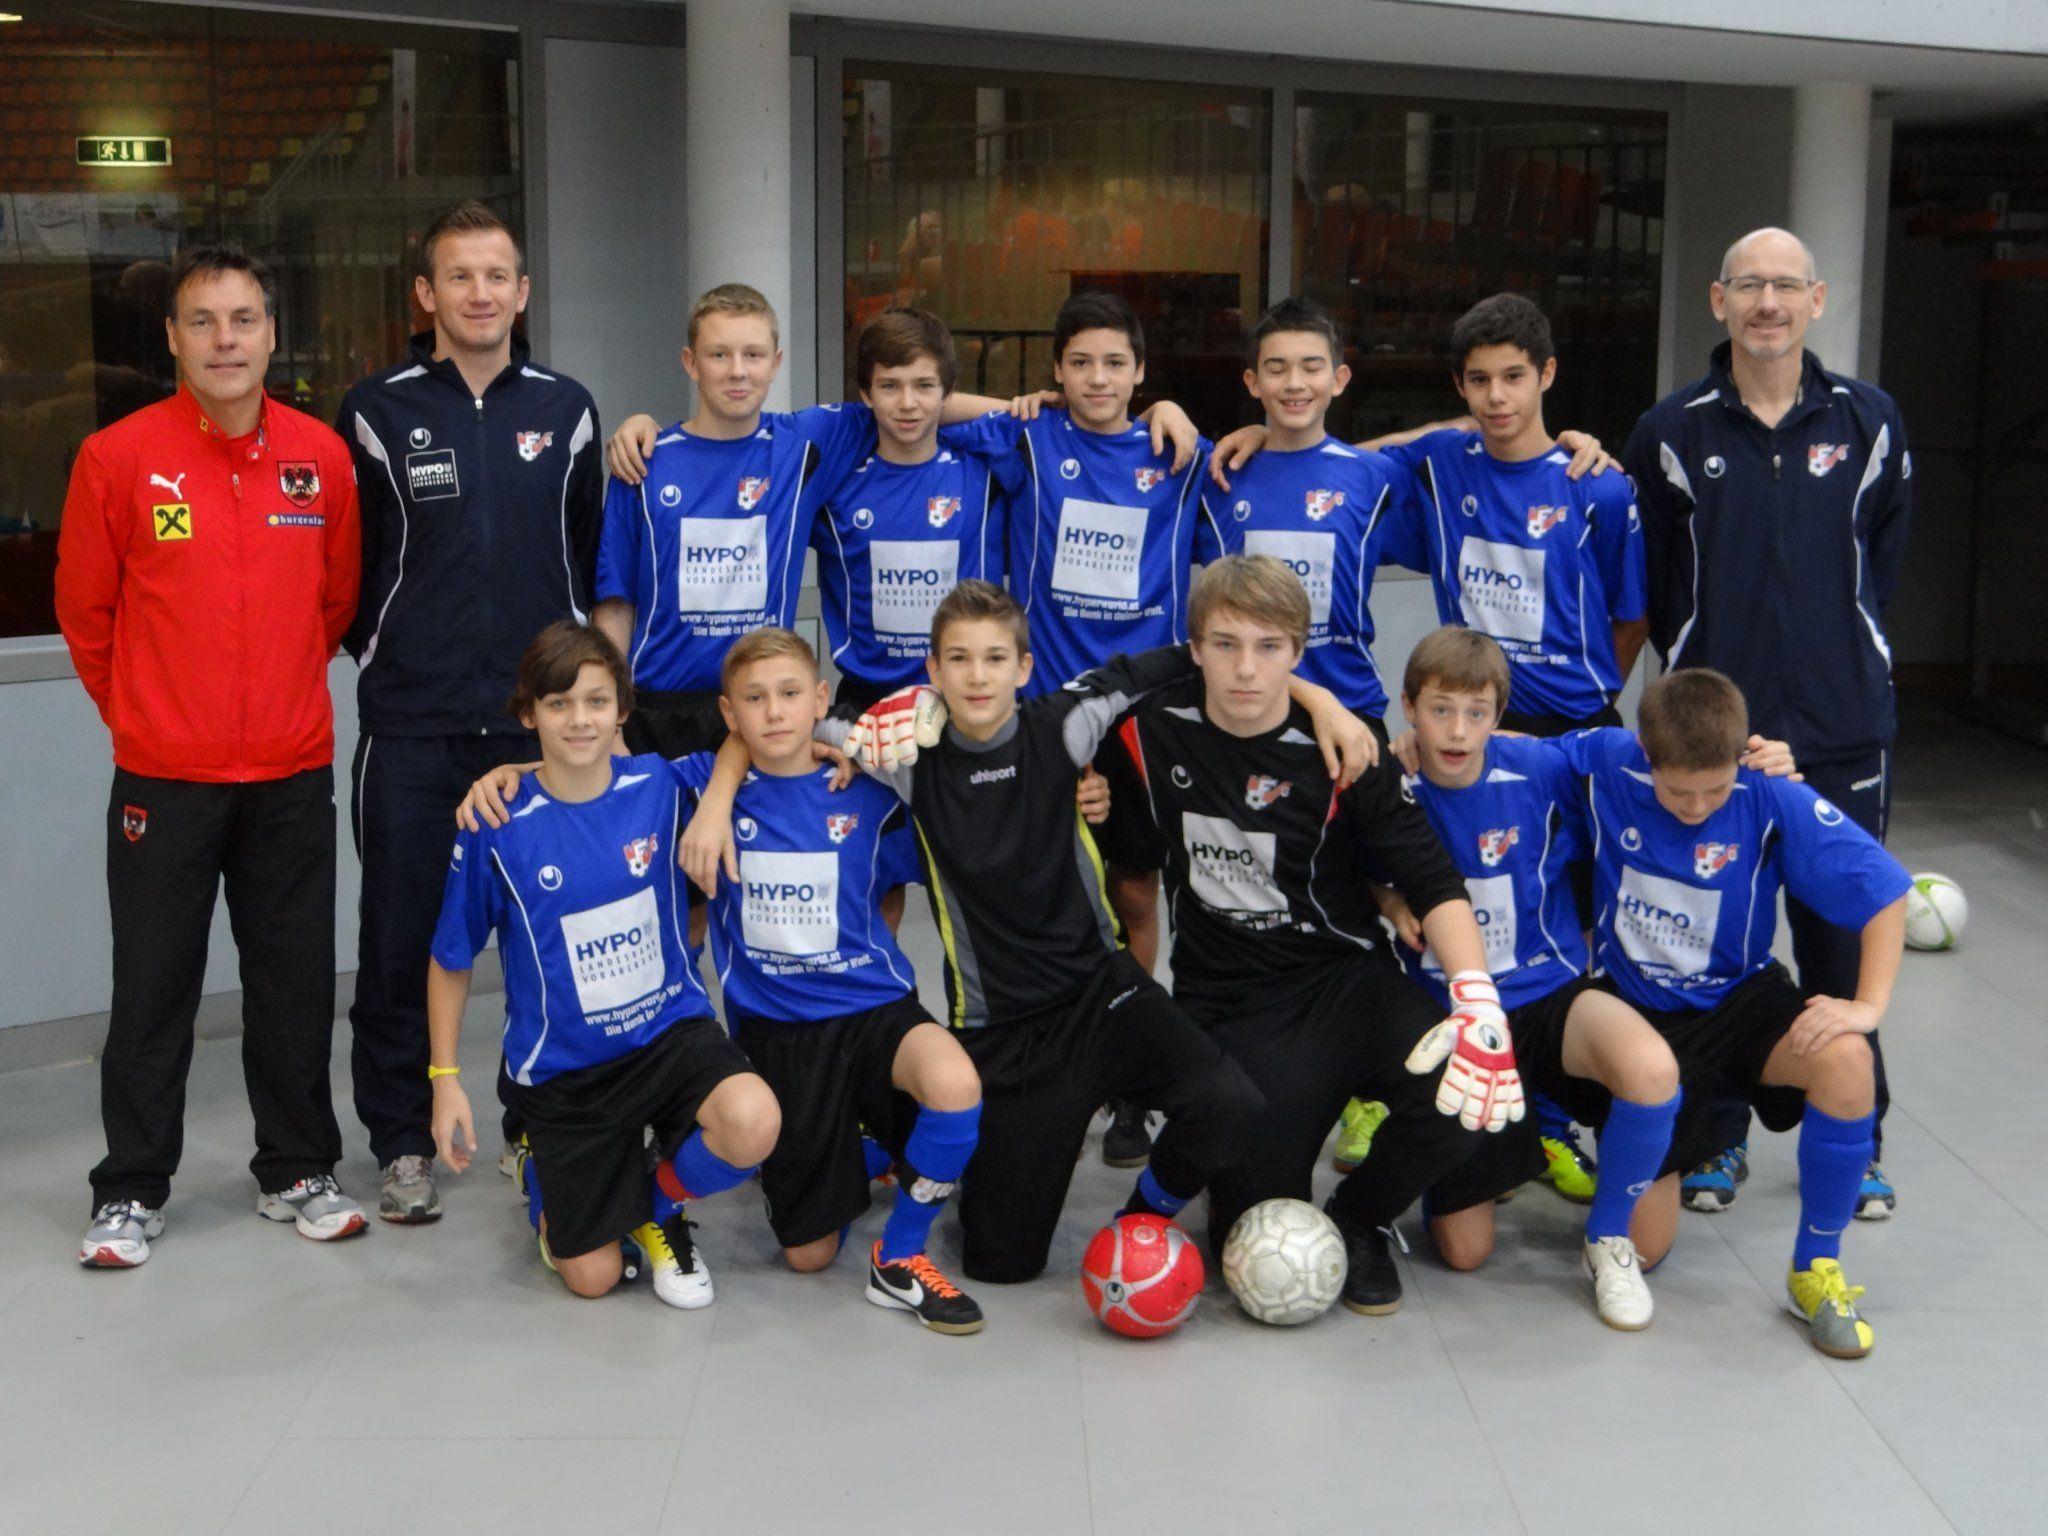 LAZ-Standorte Feldkirch und Bregenz beim Futsal-Turnier in Linz mit gutem Abschneiden.